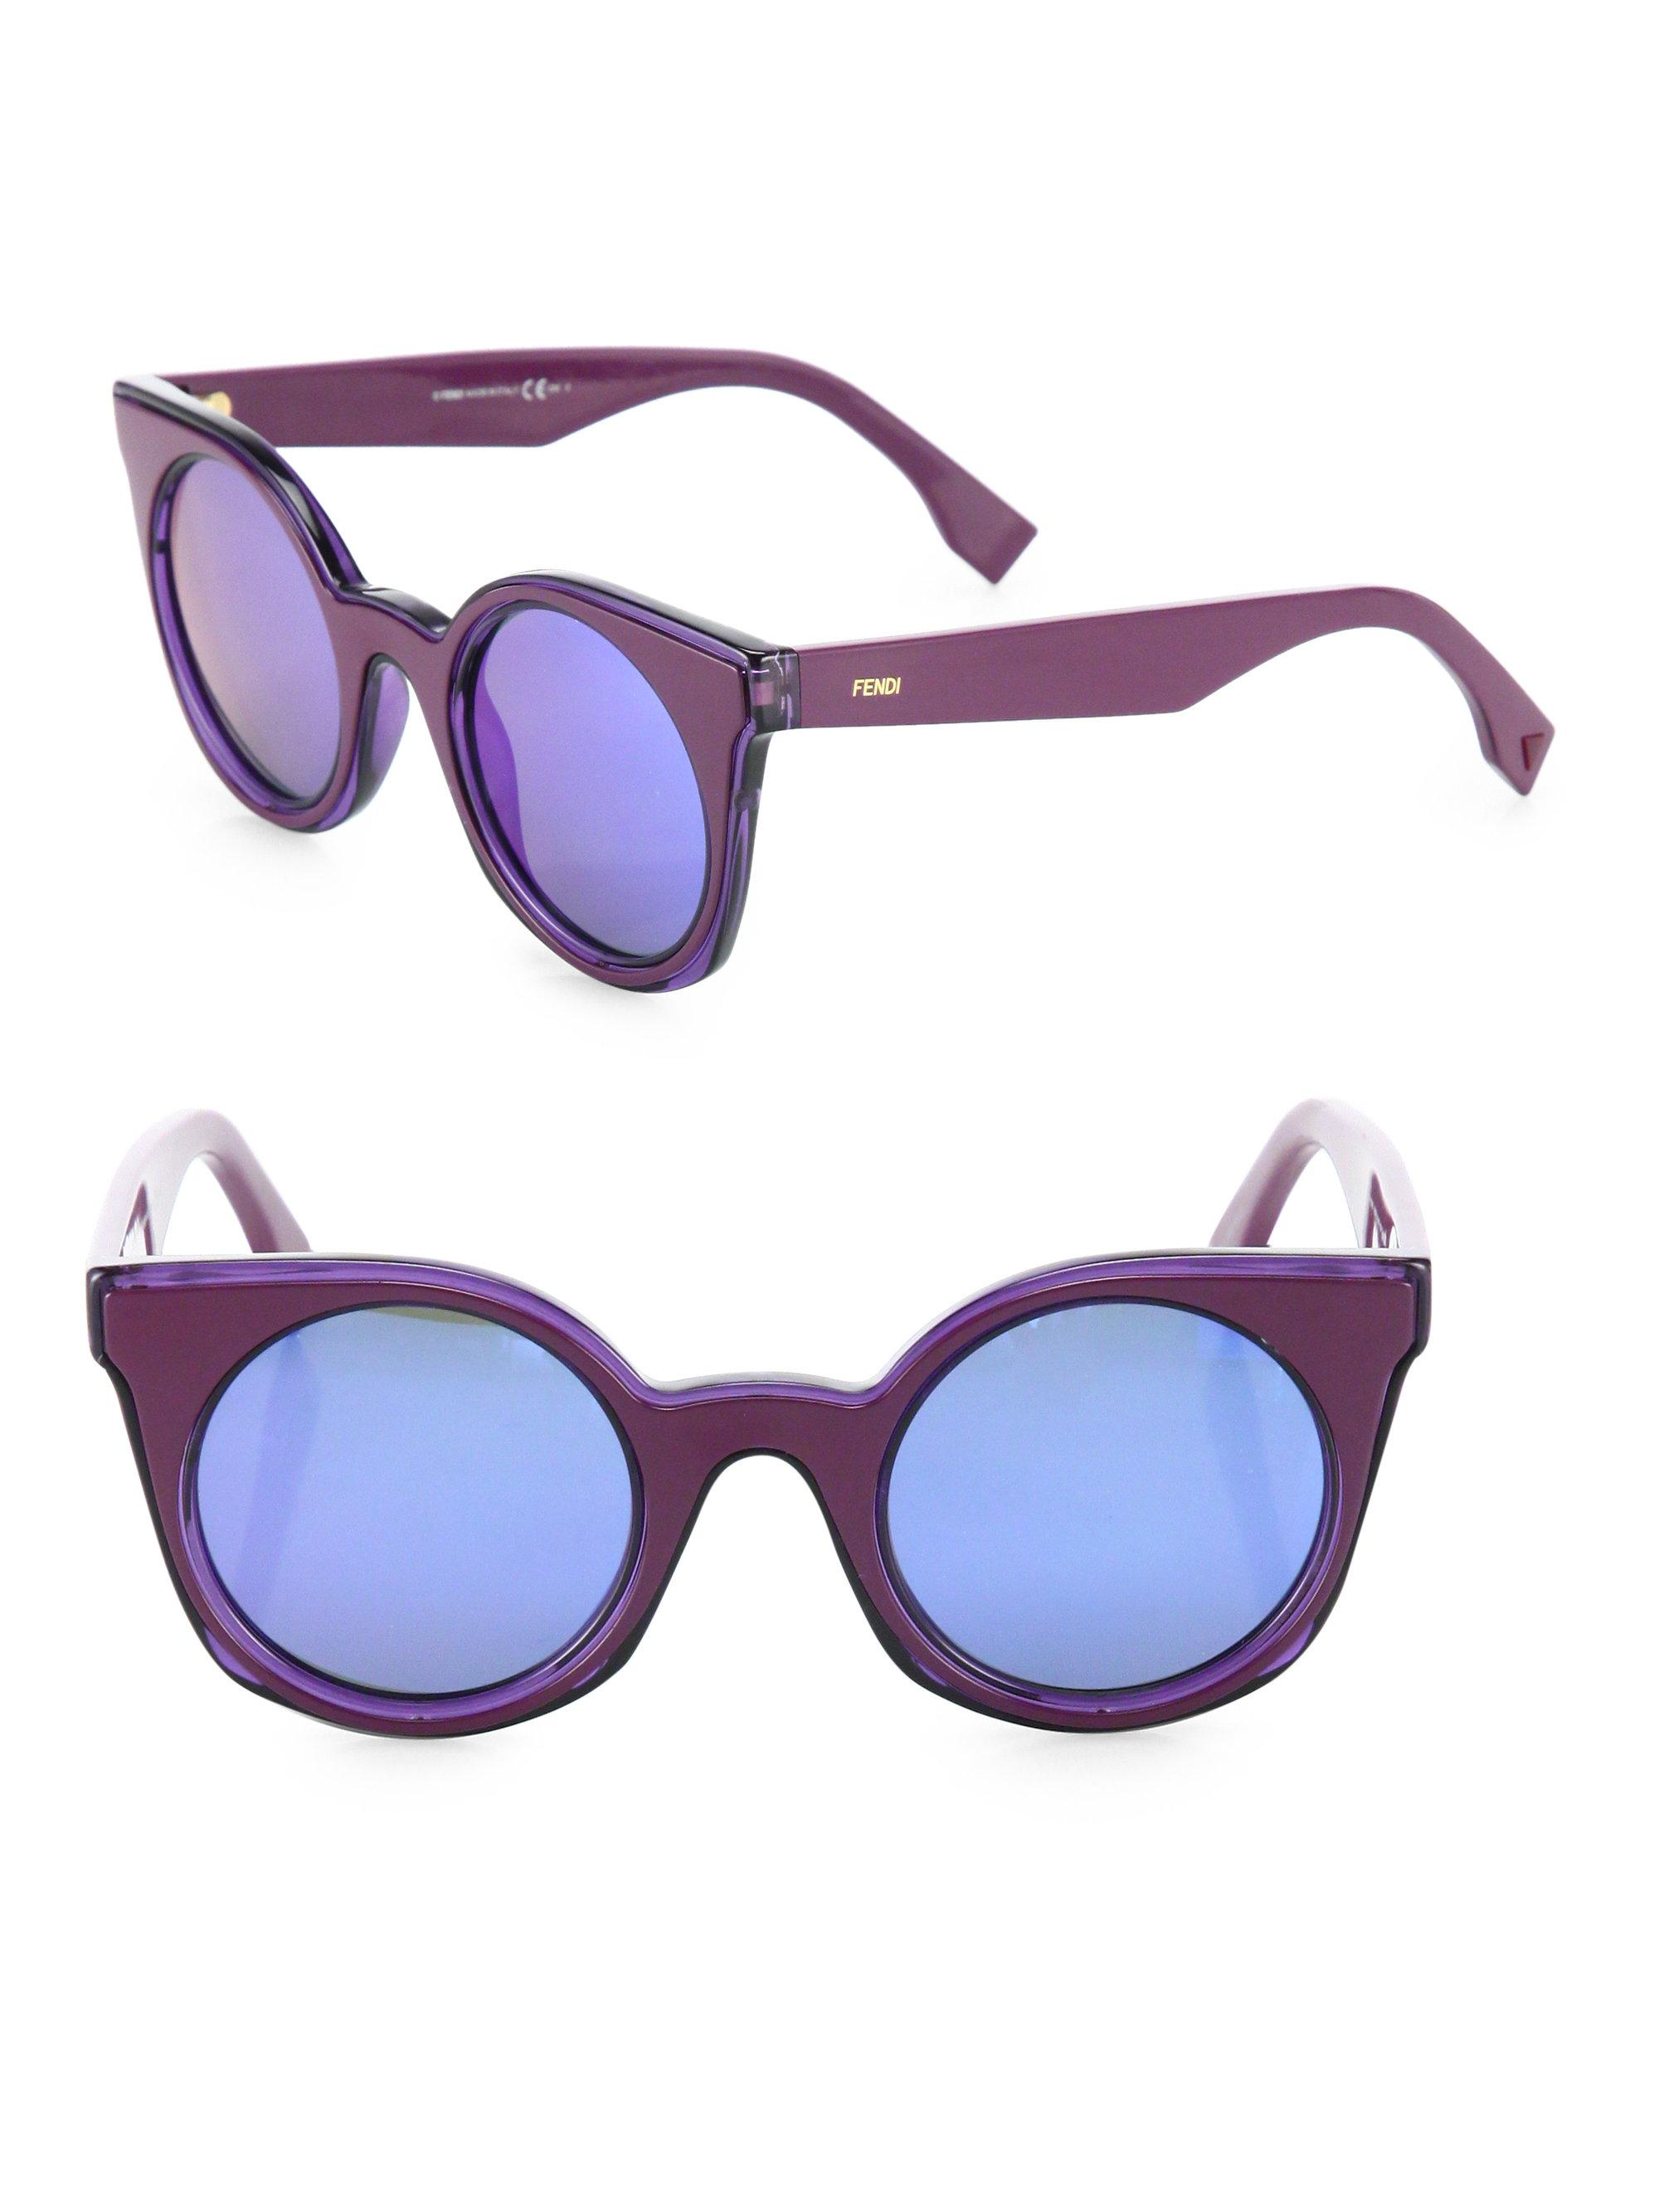 ff53e1f3464 Lyst - Fendi Women s 48mm Rounded Cat-eye Sunglasses - Havana Black ...